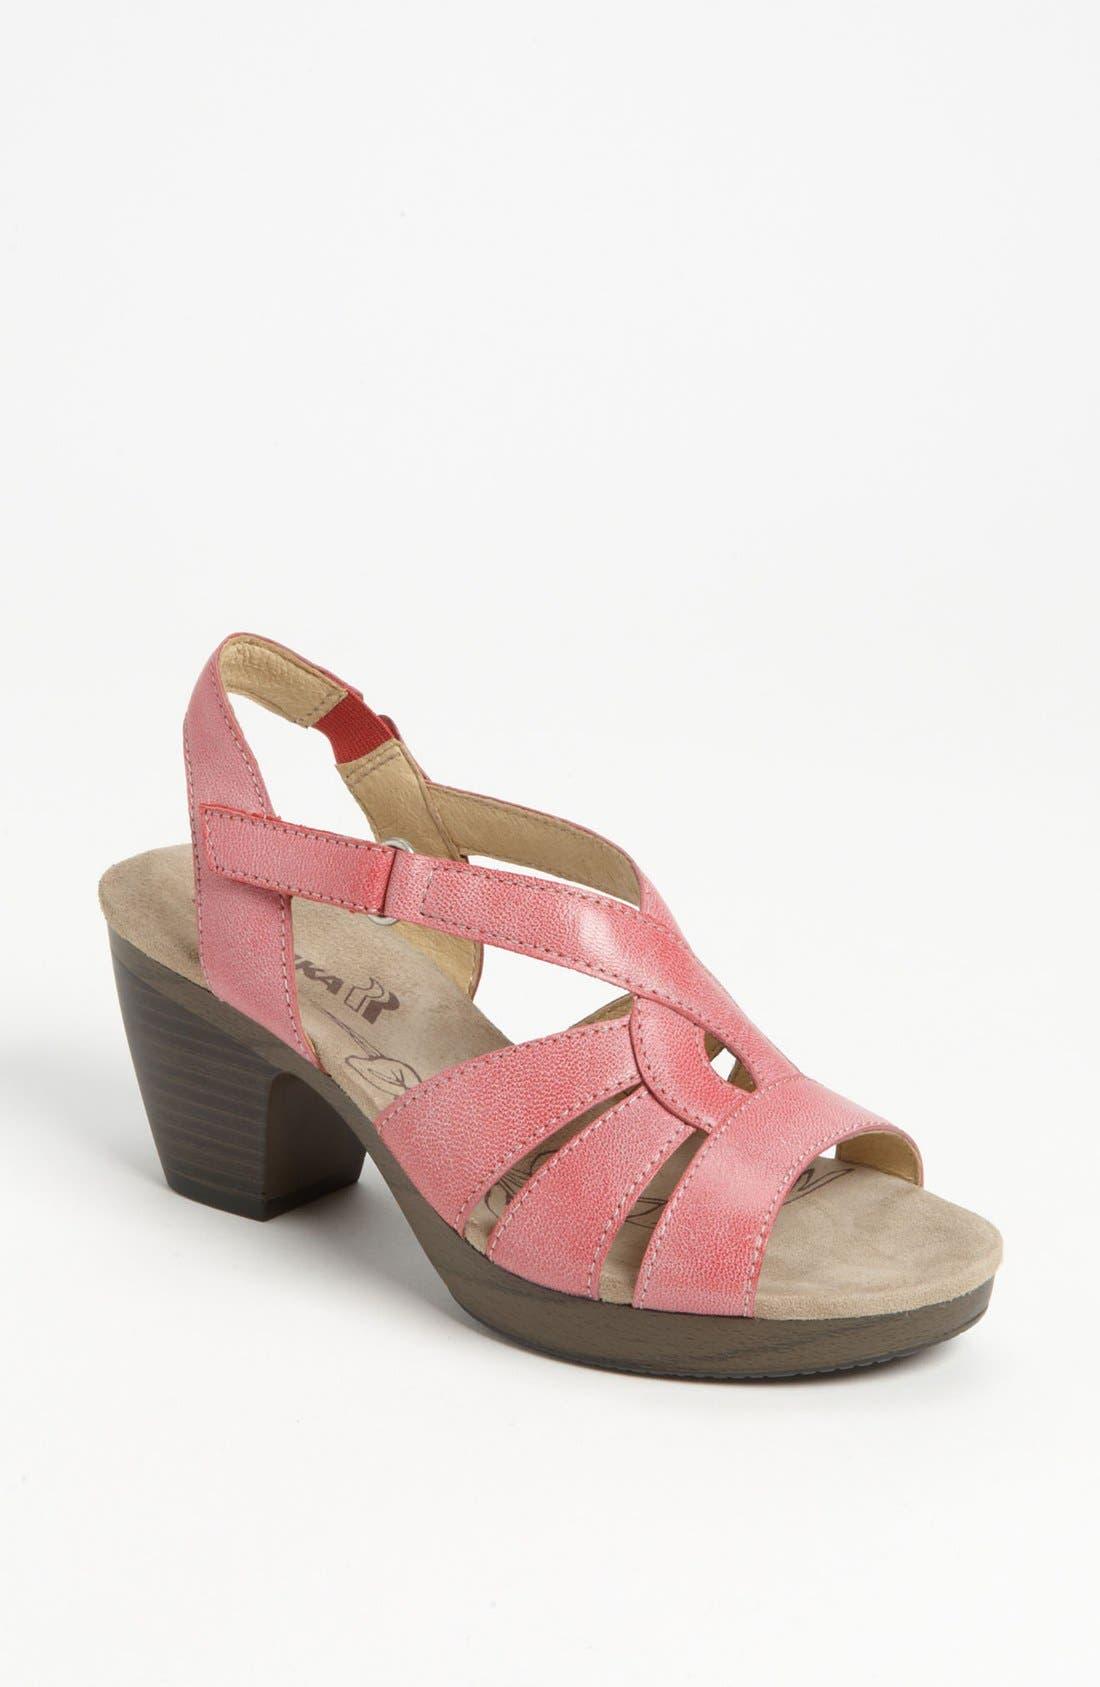 Alternate Image 1 Selected - Romika® 'Nancy 04' Sandal